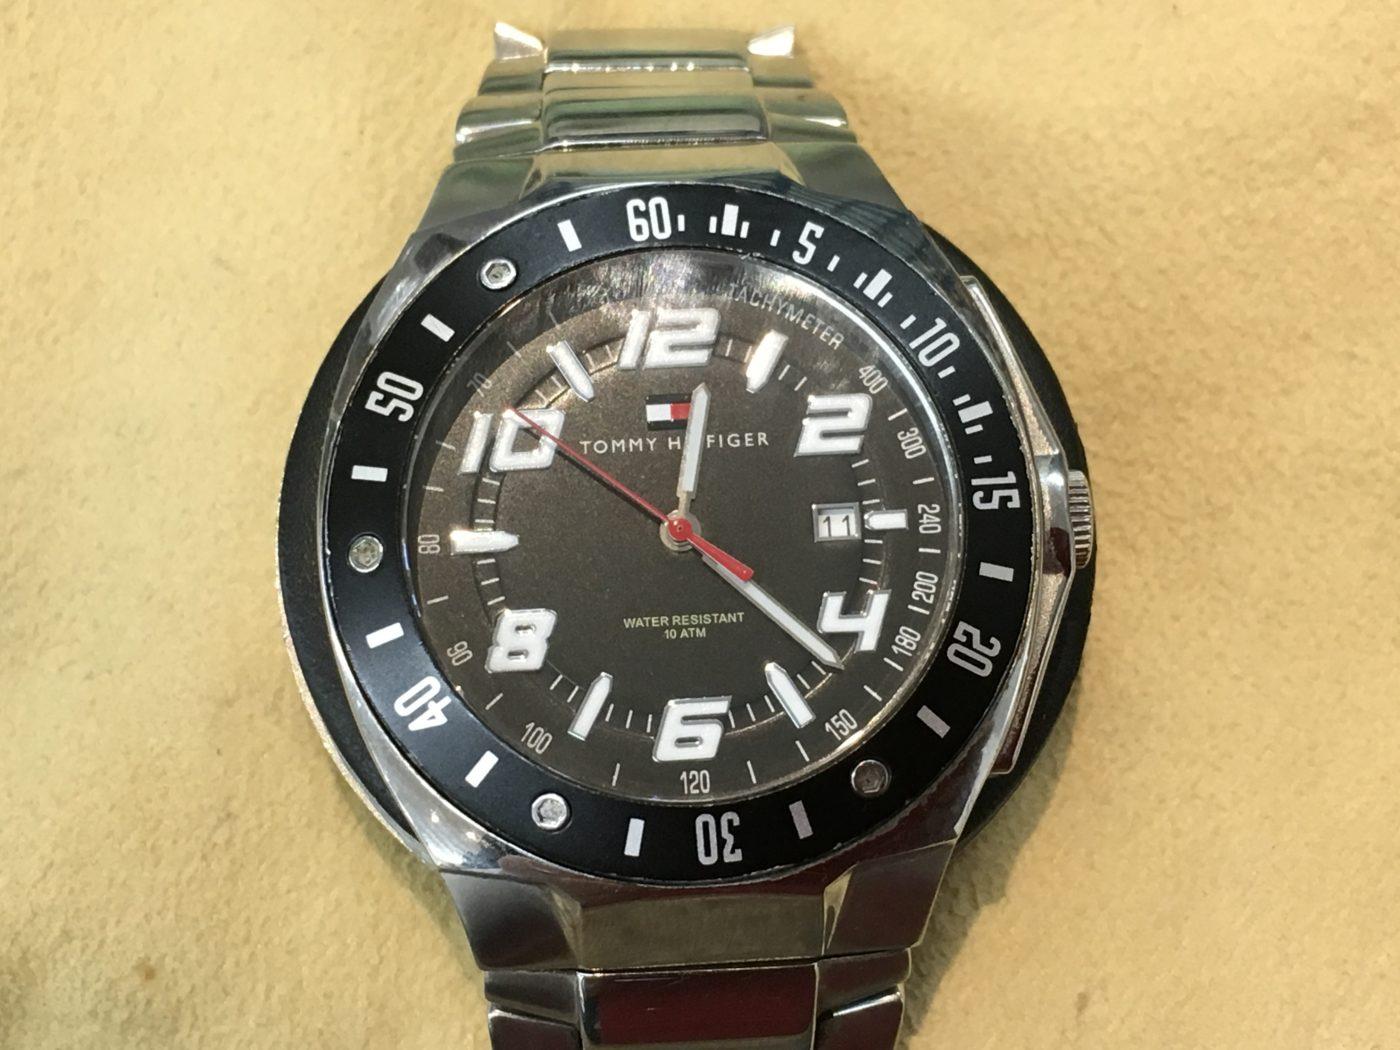 TOMMY HILFIGER 腕時計 電池交換 山梨県